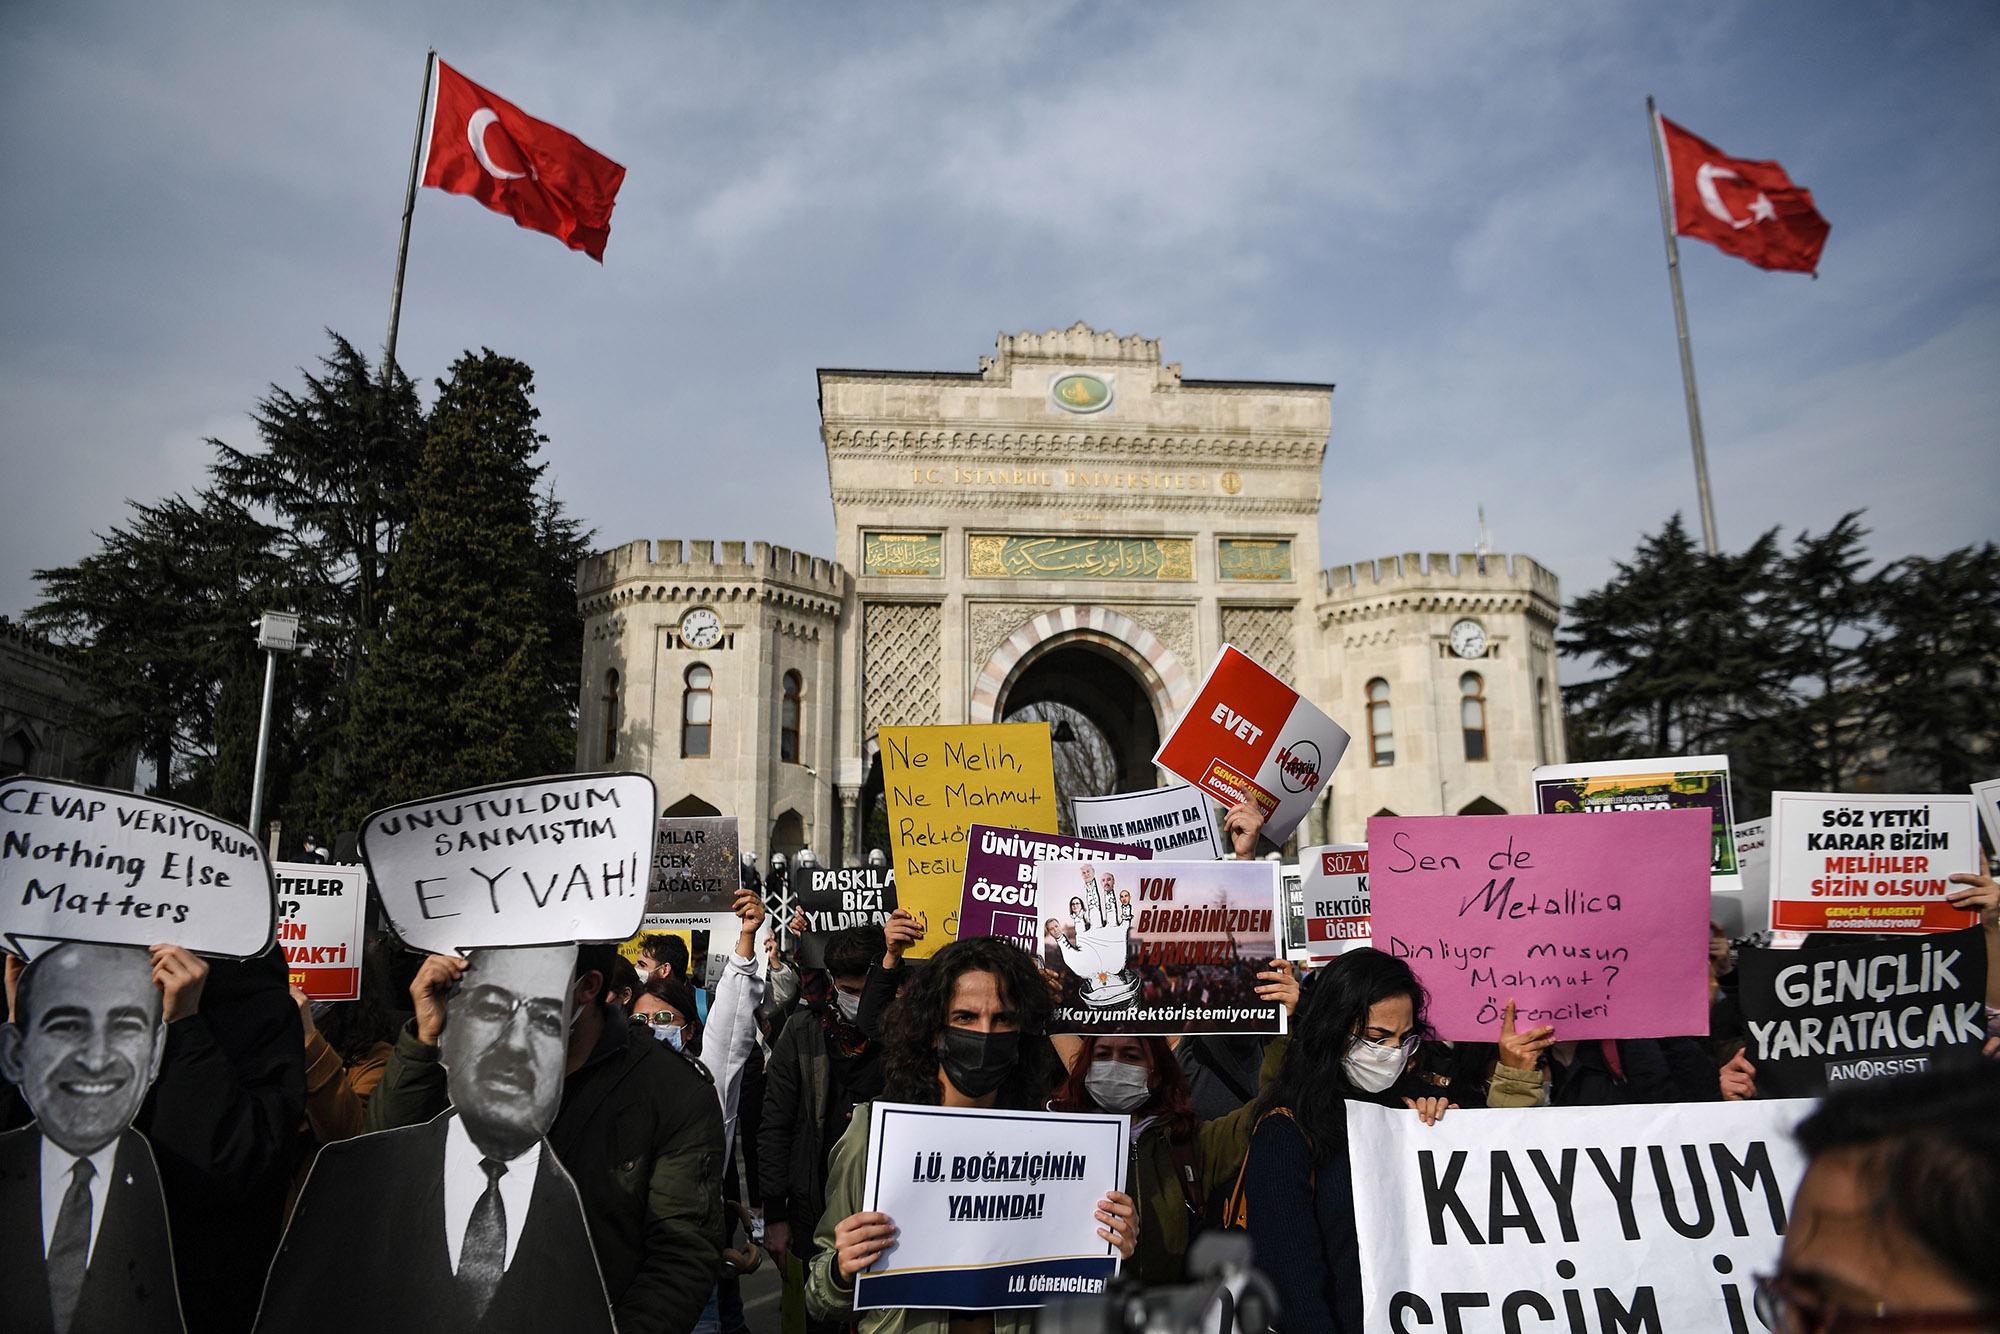 Üniversitenin rektörünün atanmasına karşı bu ayın başlarında İstanbul'da düzenlenen bir gösteri.